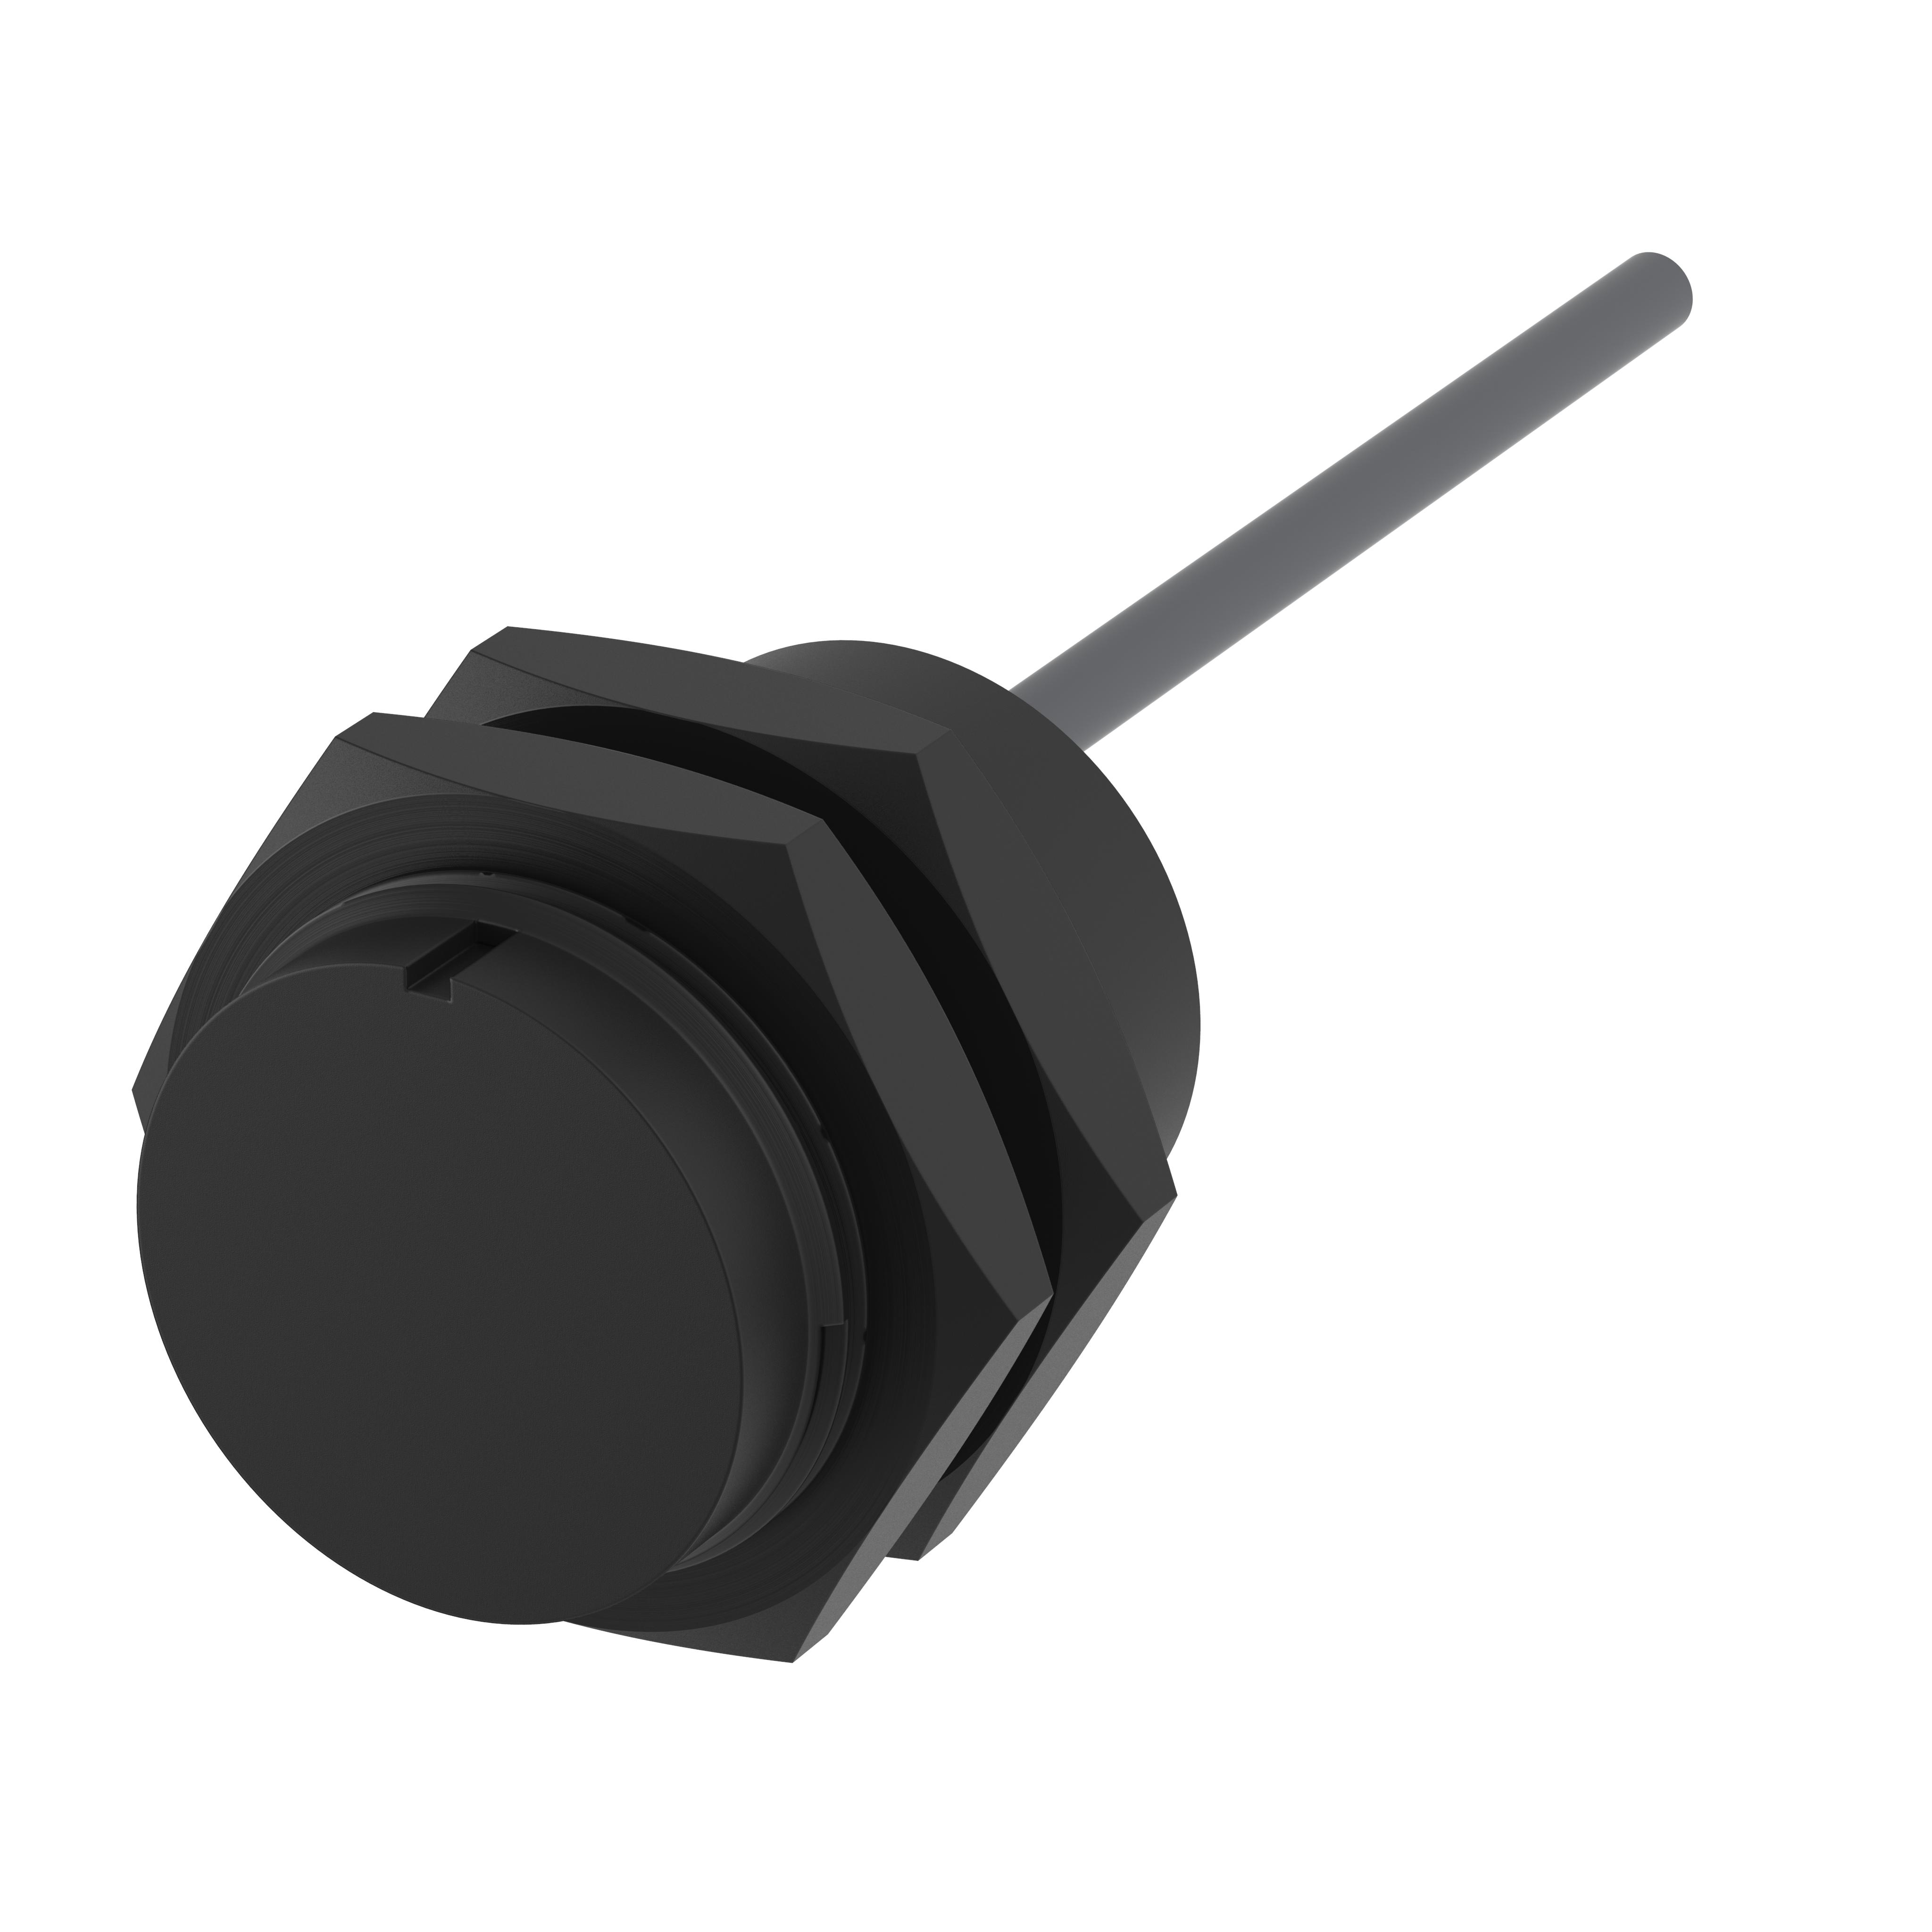 Sicherheitssensor - 171261-3 - magnetisch betätigt - Schließer/Schließer/Schließer, 3m Kabel